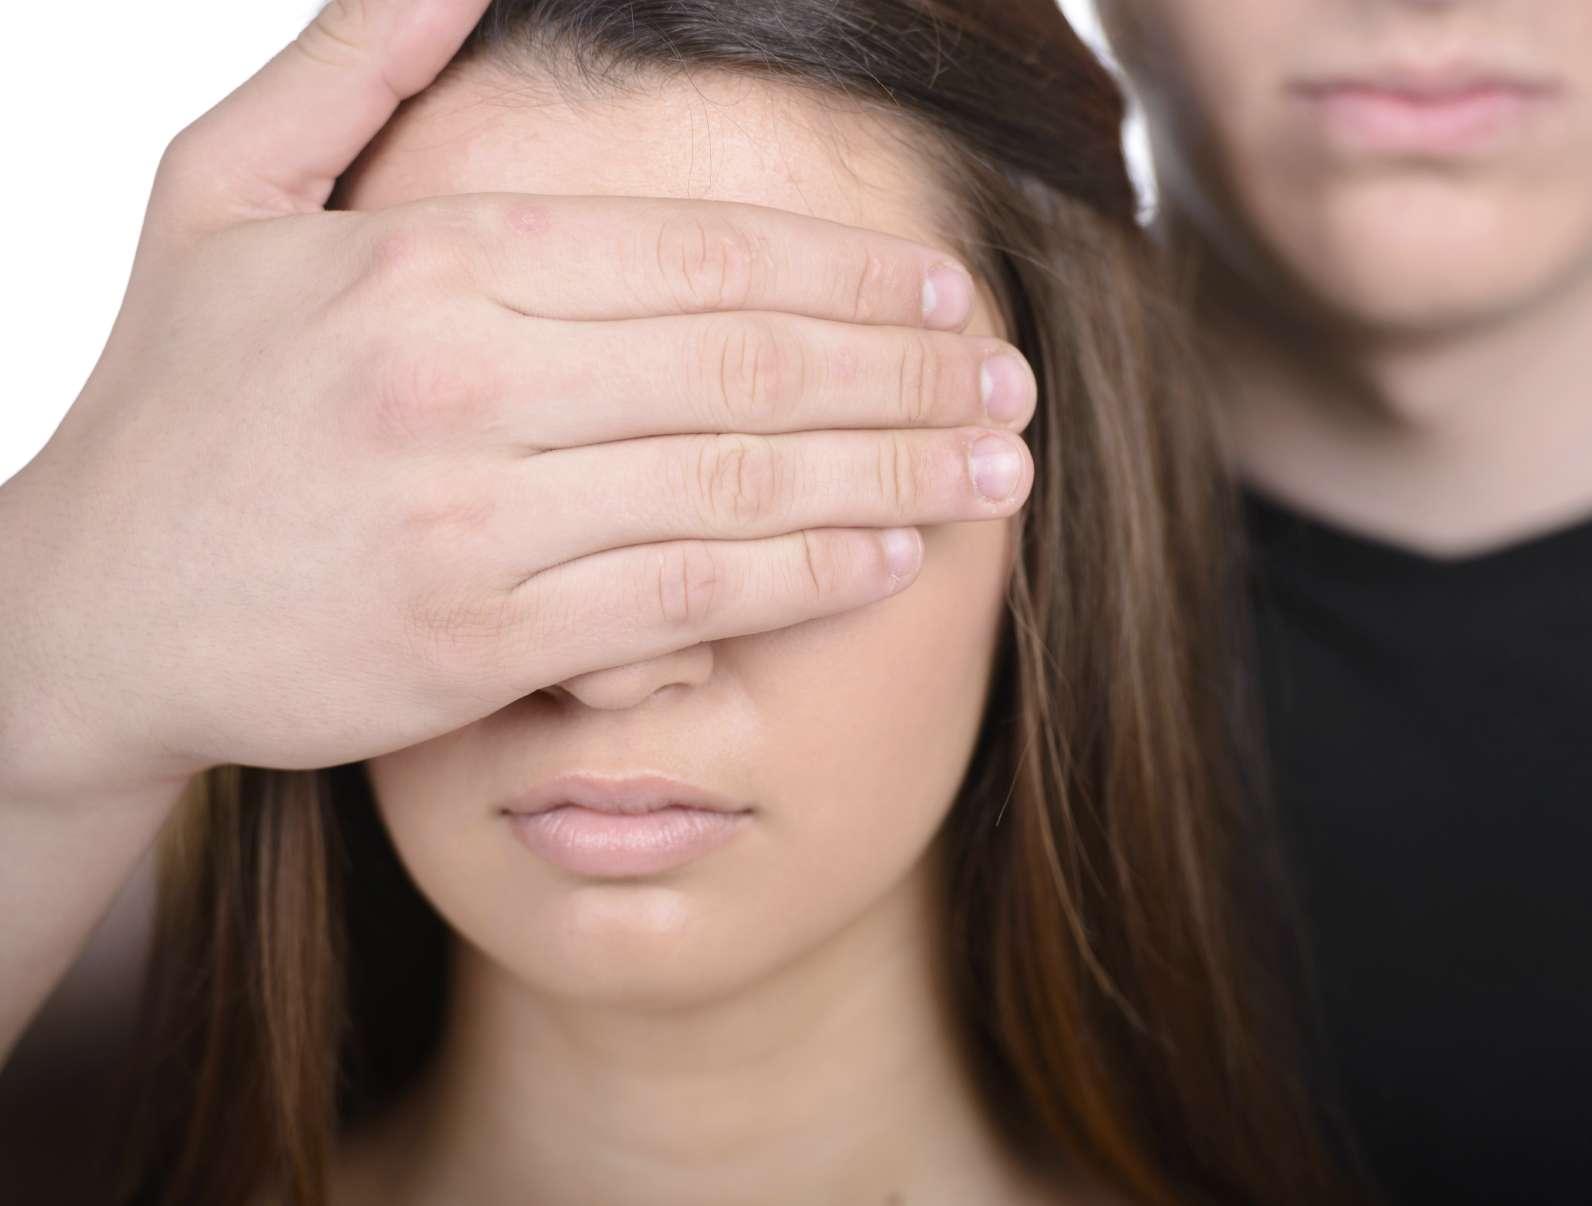 Los violadores buscan mujeres que luzcan distraídas. Foto: iStock